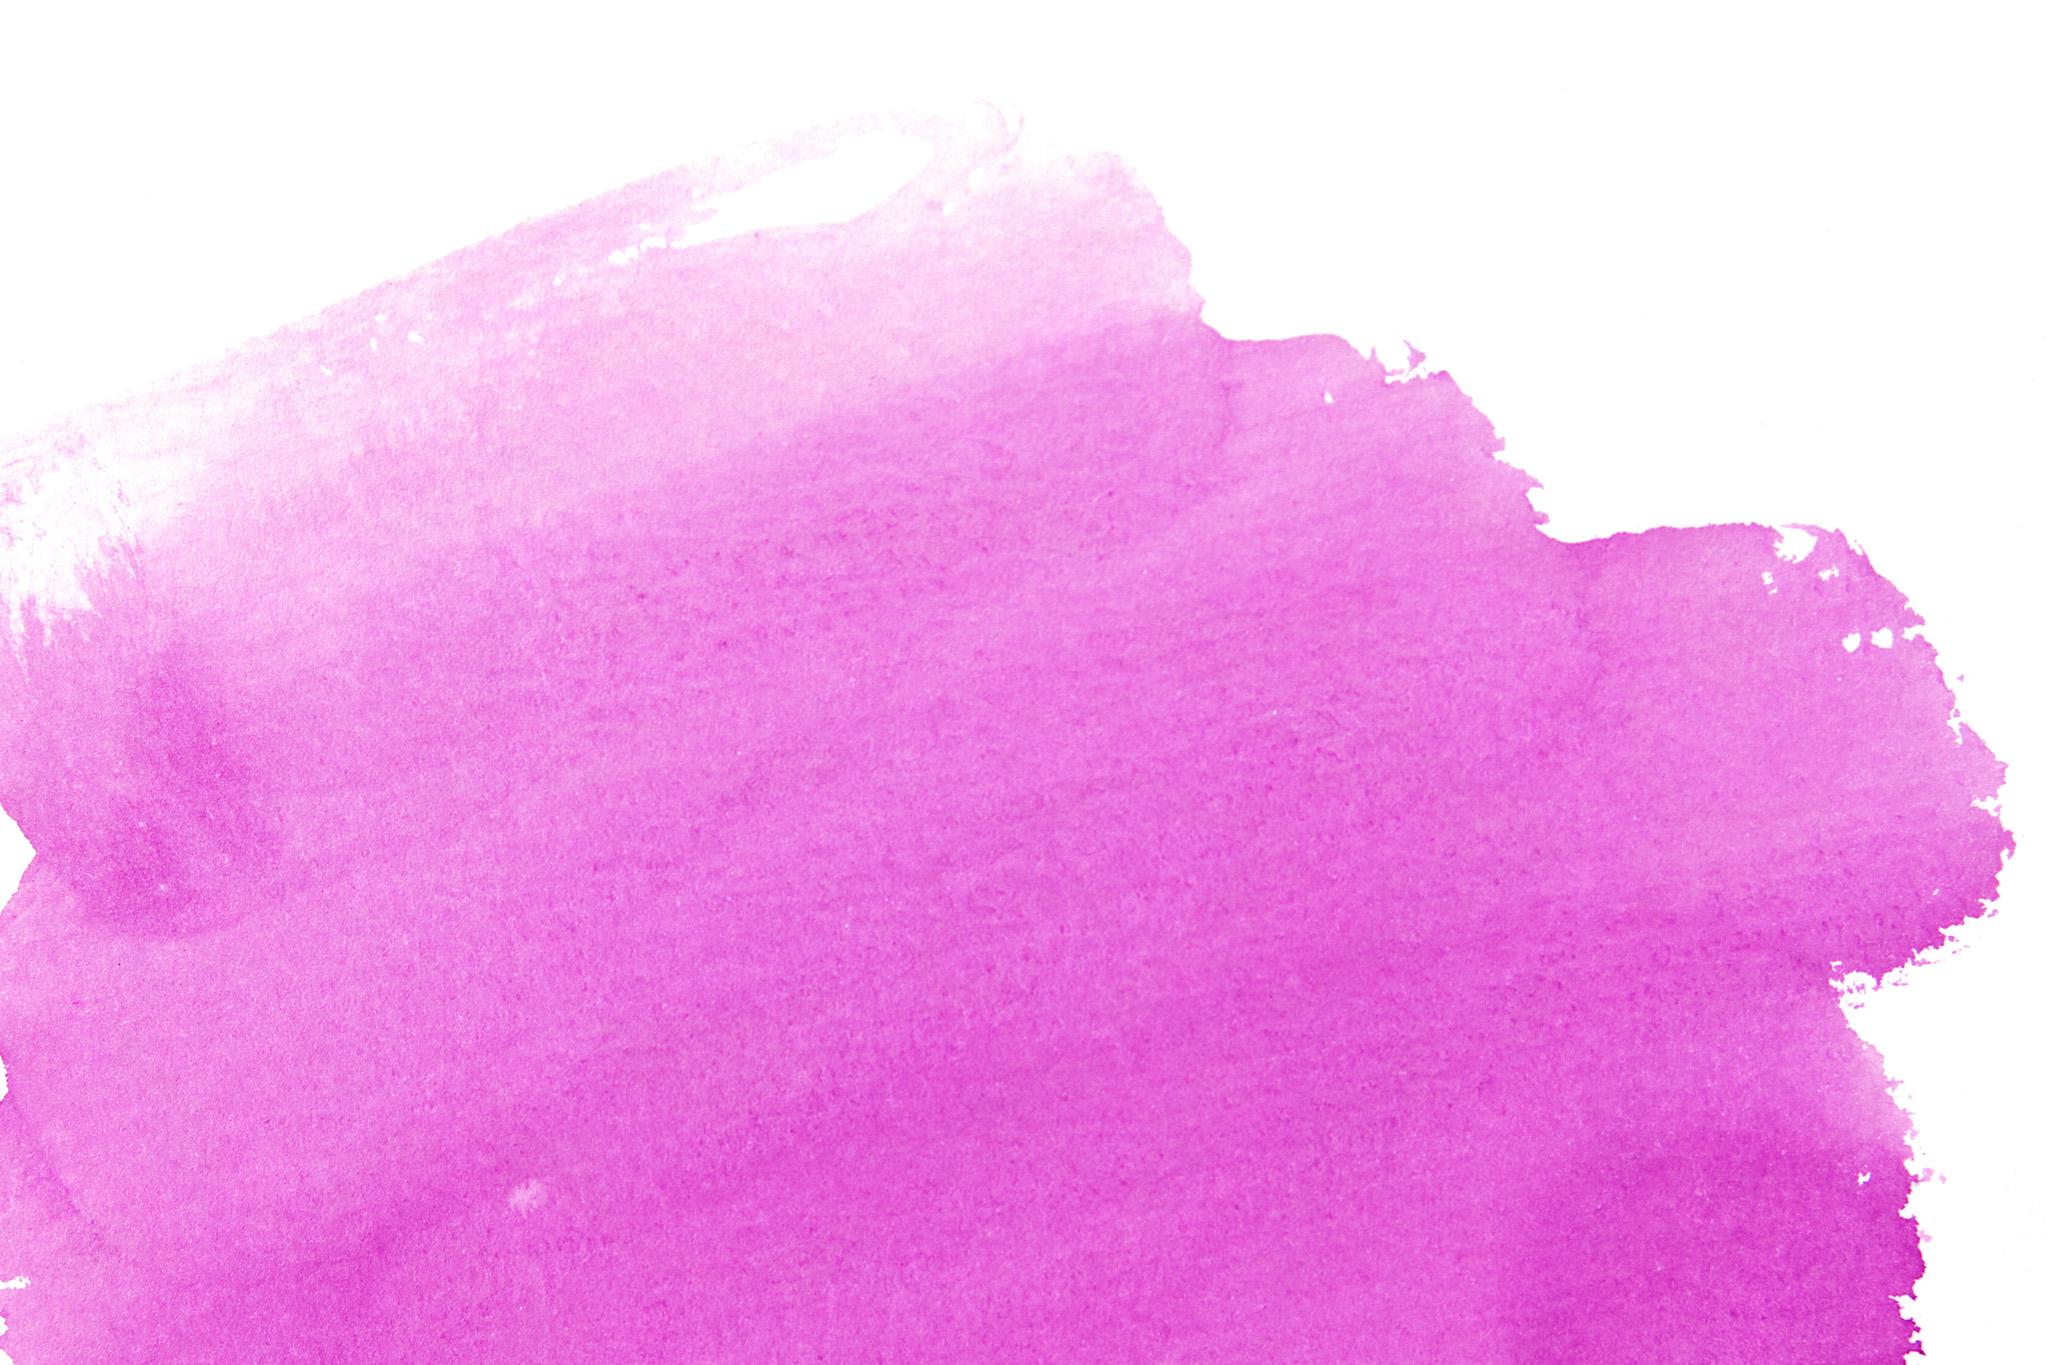 「ピンク色の水彩筆塗り」の素材を無料ダウンロード